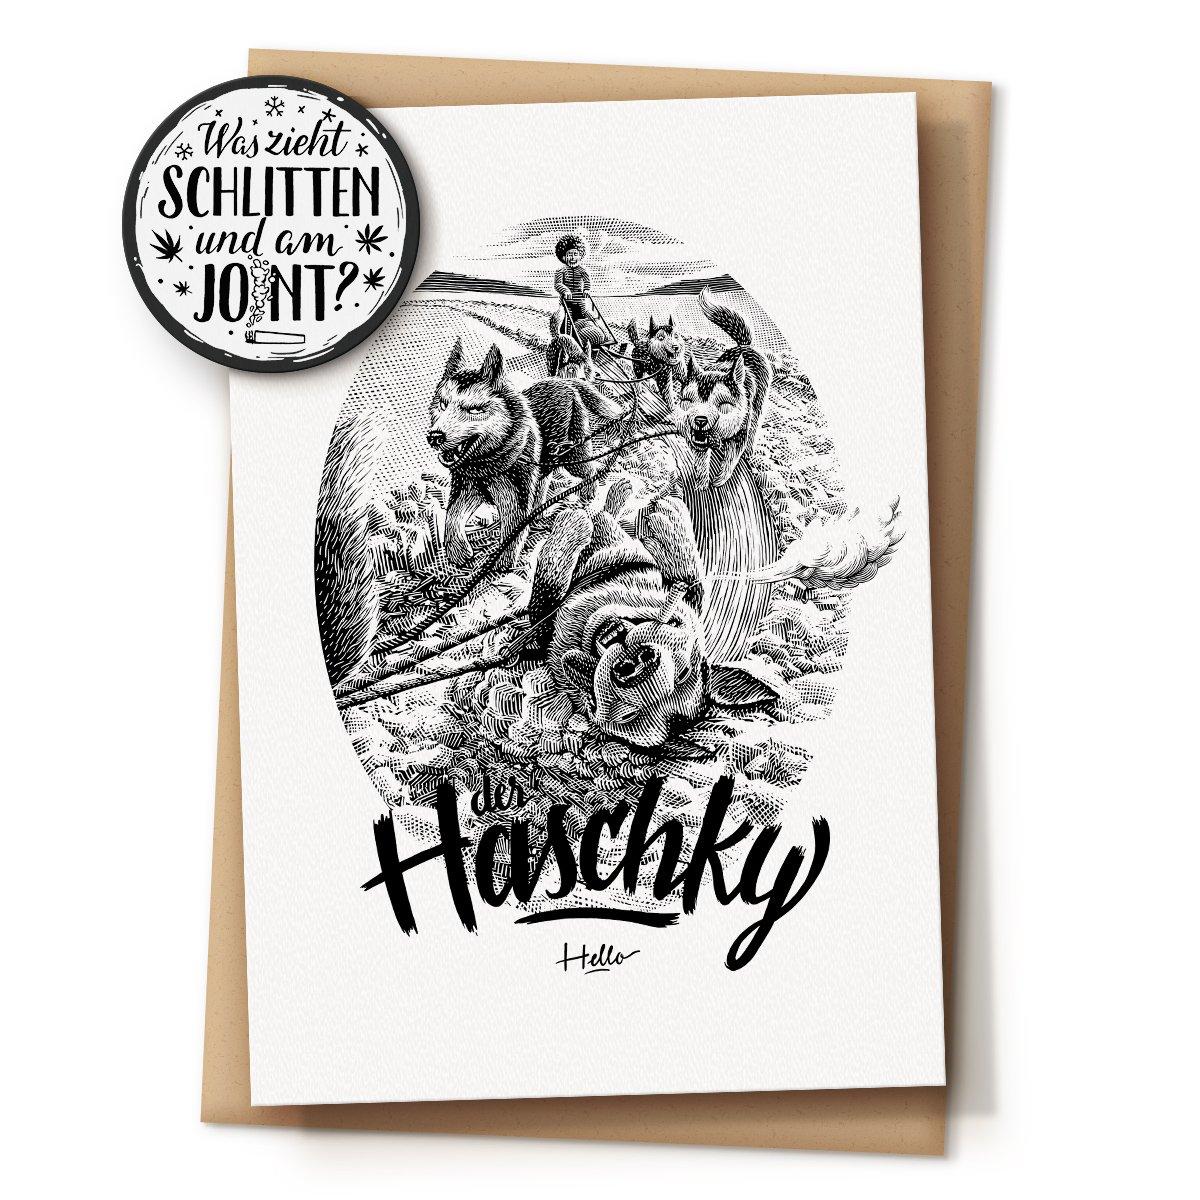 Image of Der Haschky